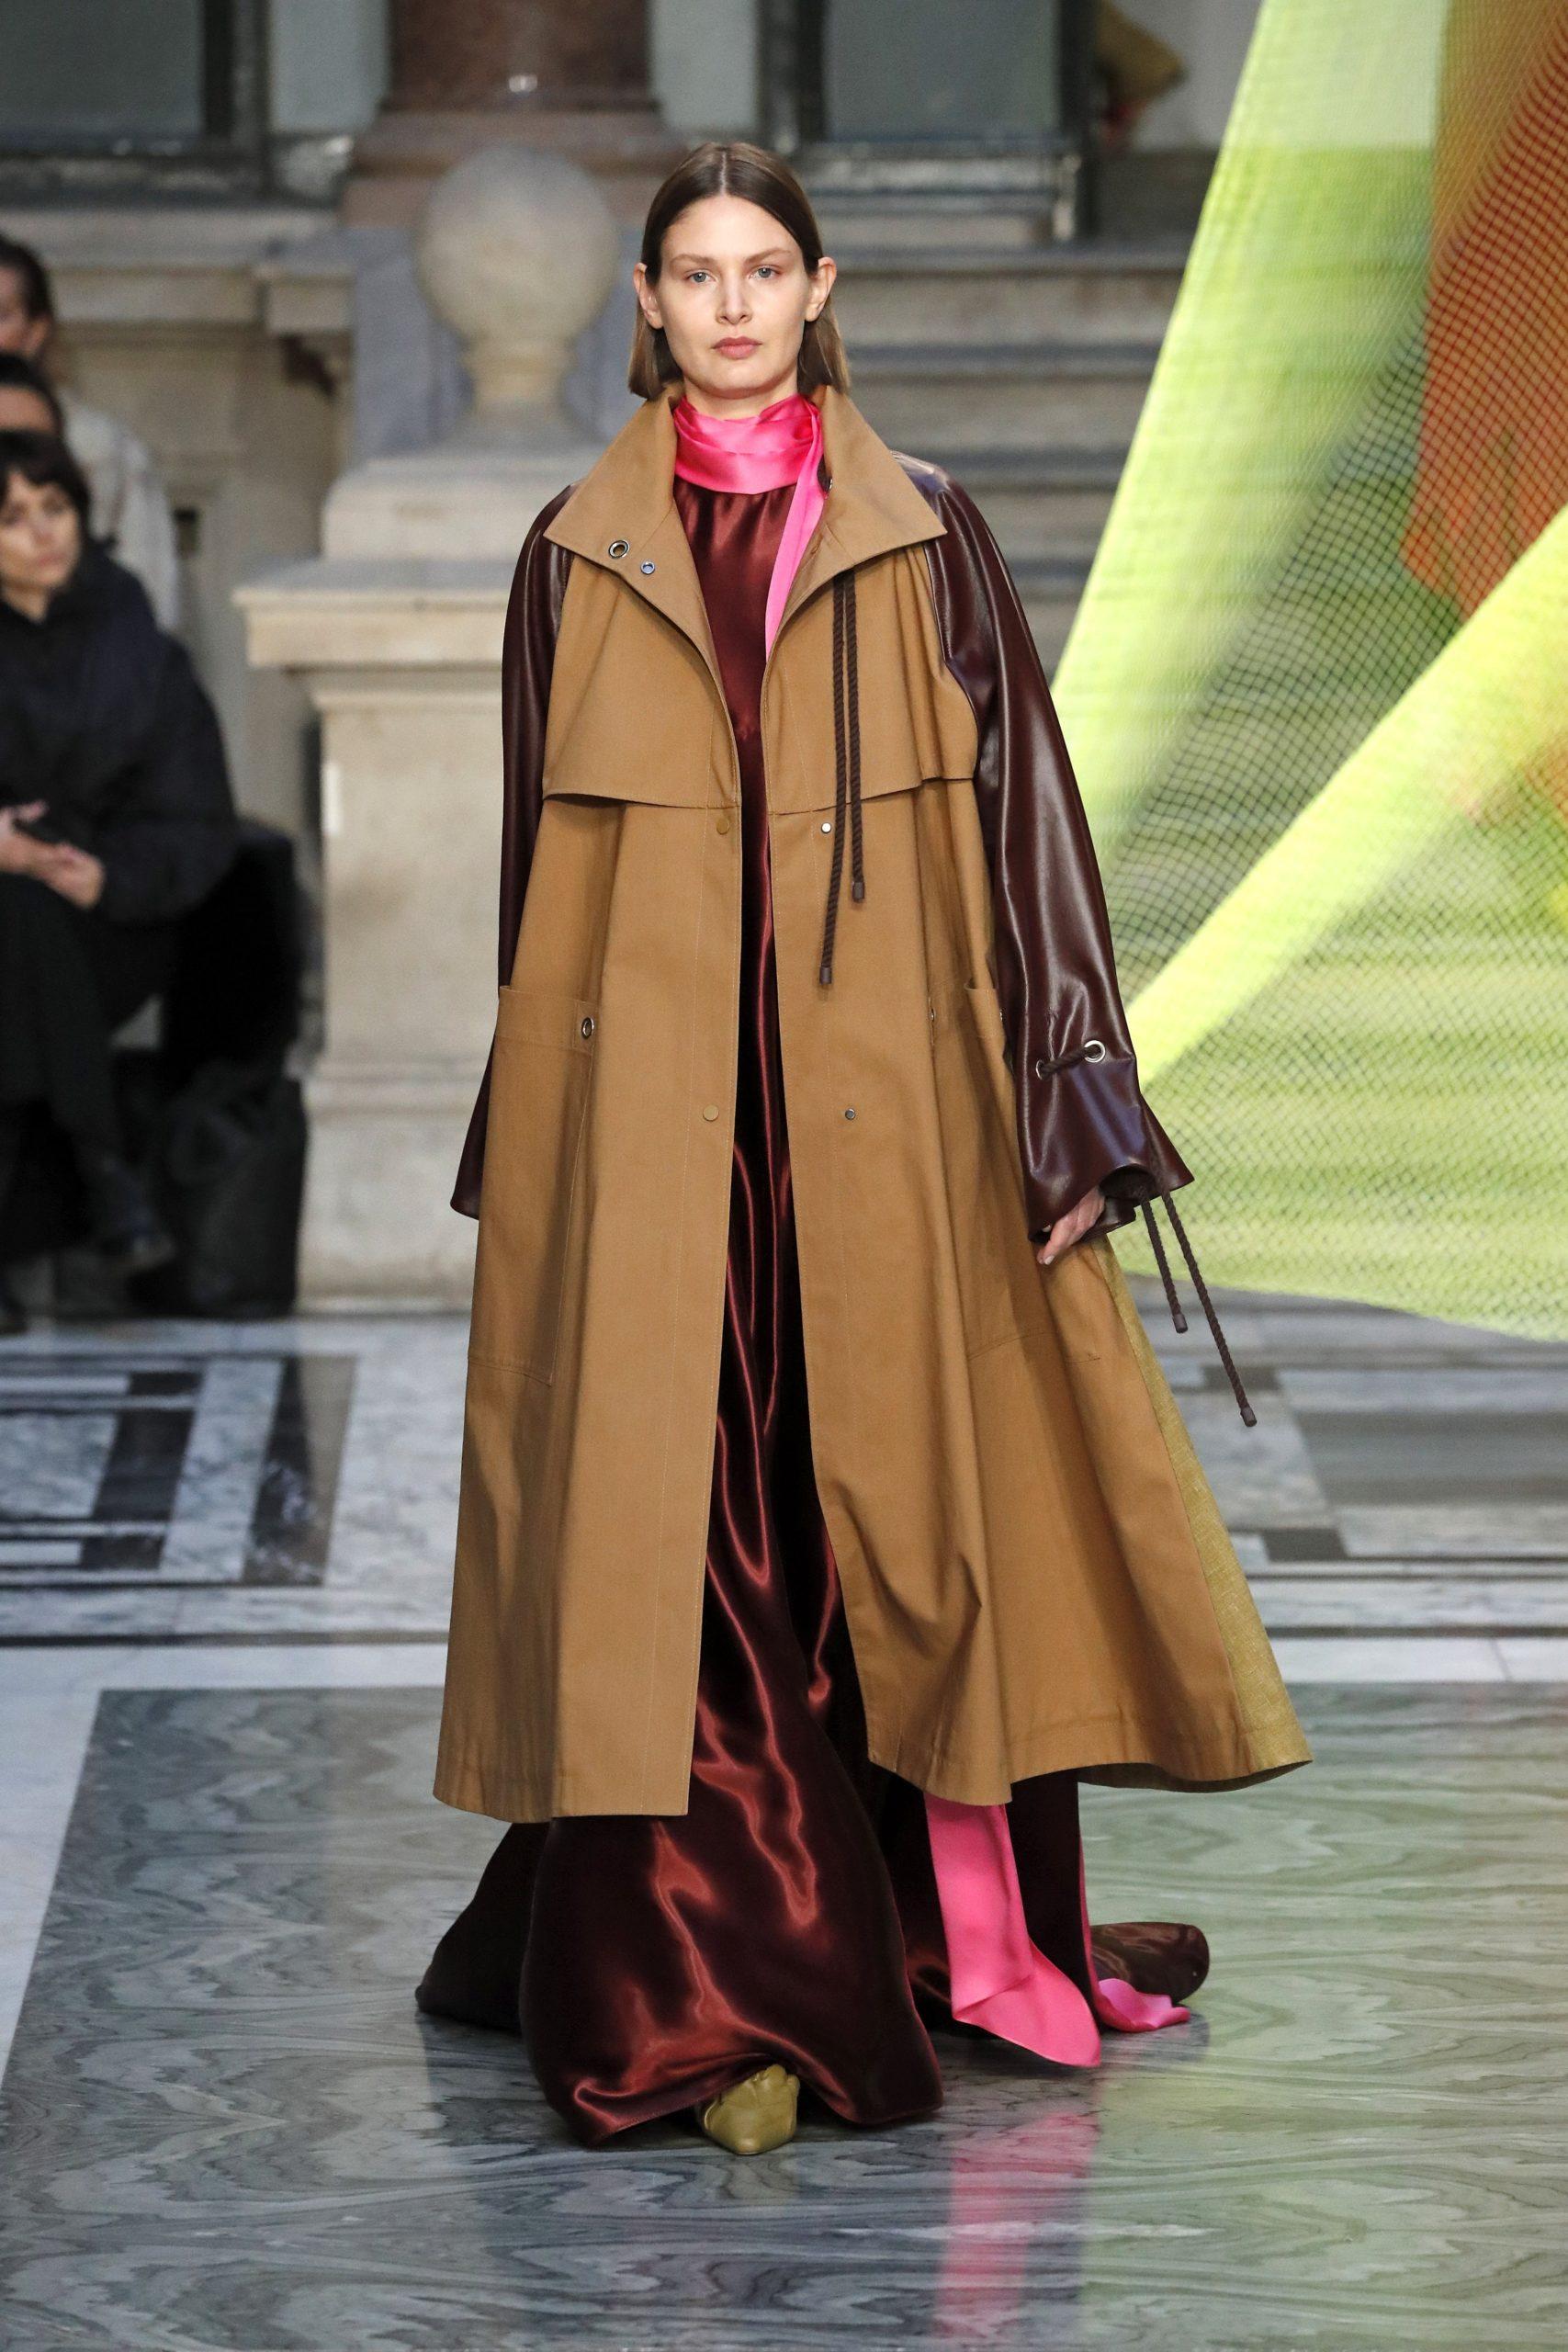 модный тренд плащ осень 2020 бежевый с вставками с кожаными рукавами